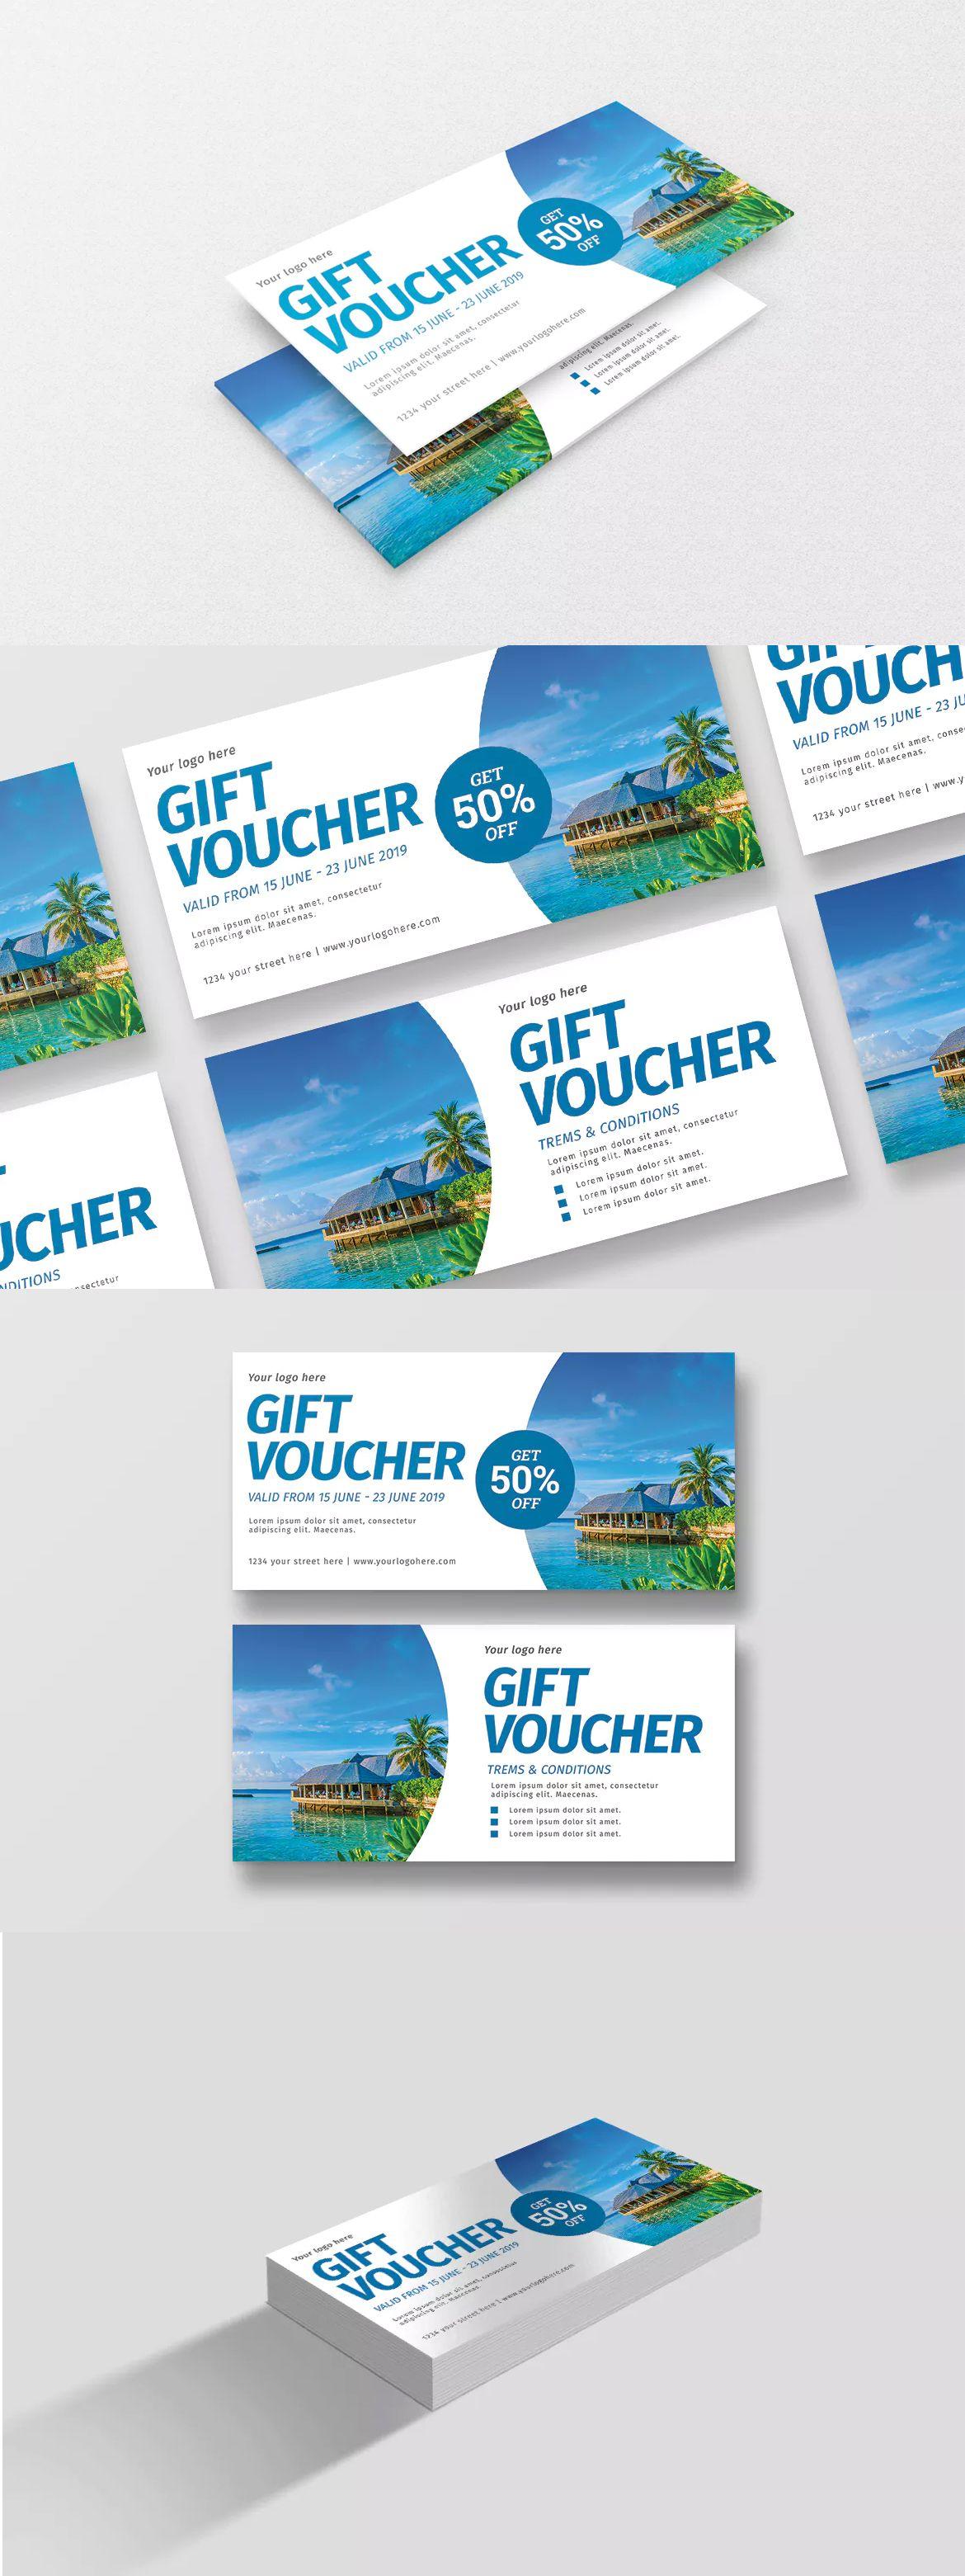 travel voucher template psd